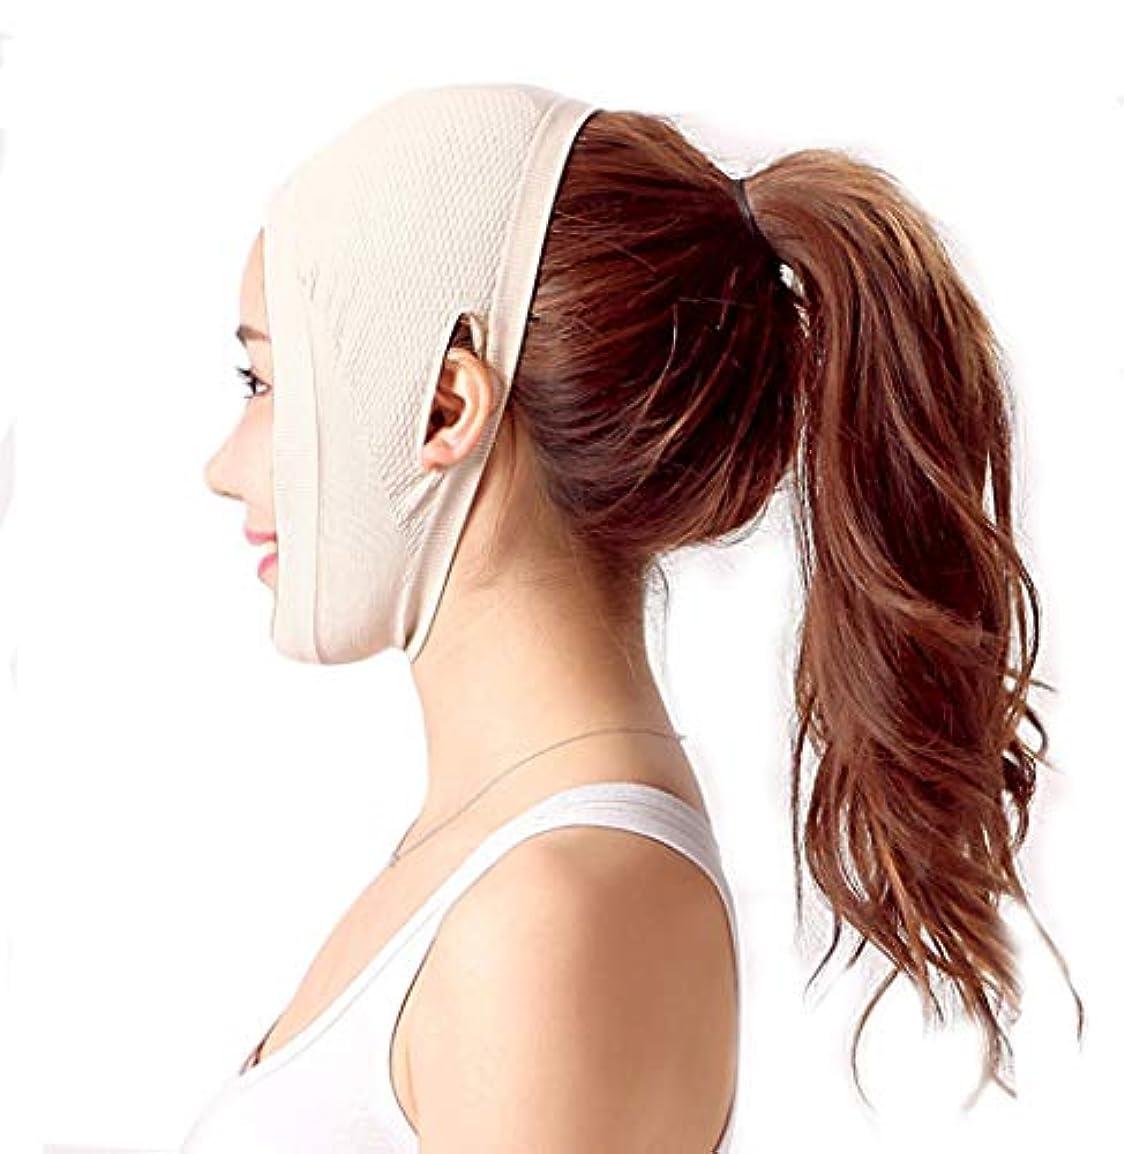 不定構築するブースト整形外科病院ライン彫刻術後回復ヘッドギア医療睡眠V顔リフティング包帯薄いフェイスマスク (Size : Skin tone(A))